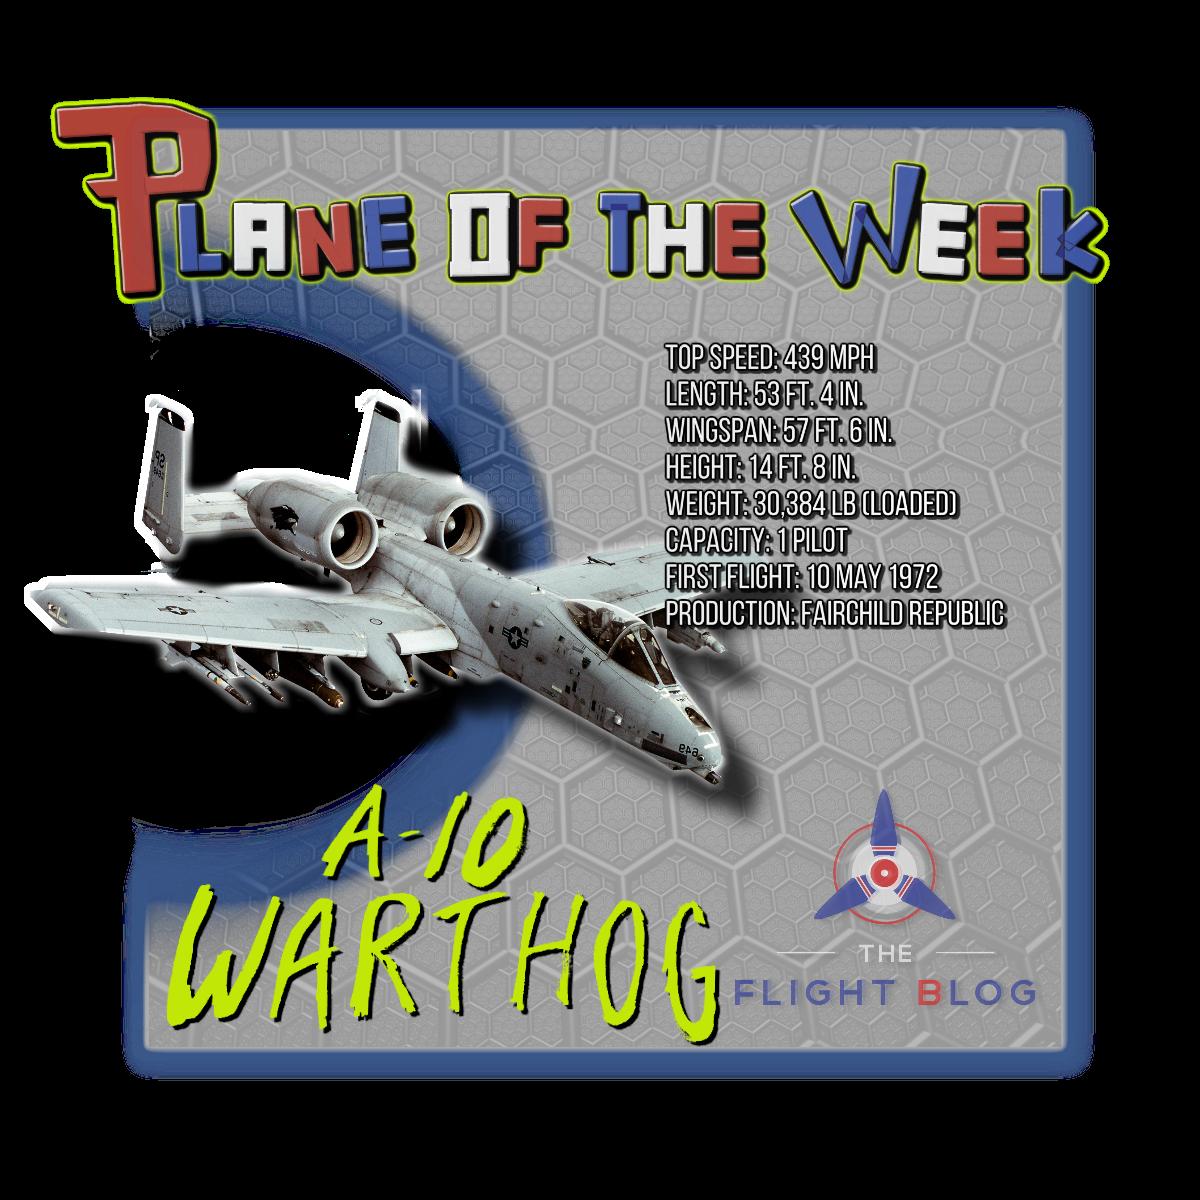 plane-of-the-week-blank-2